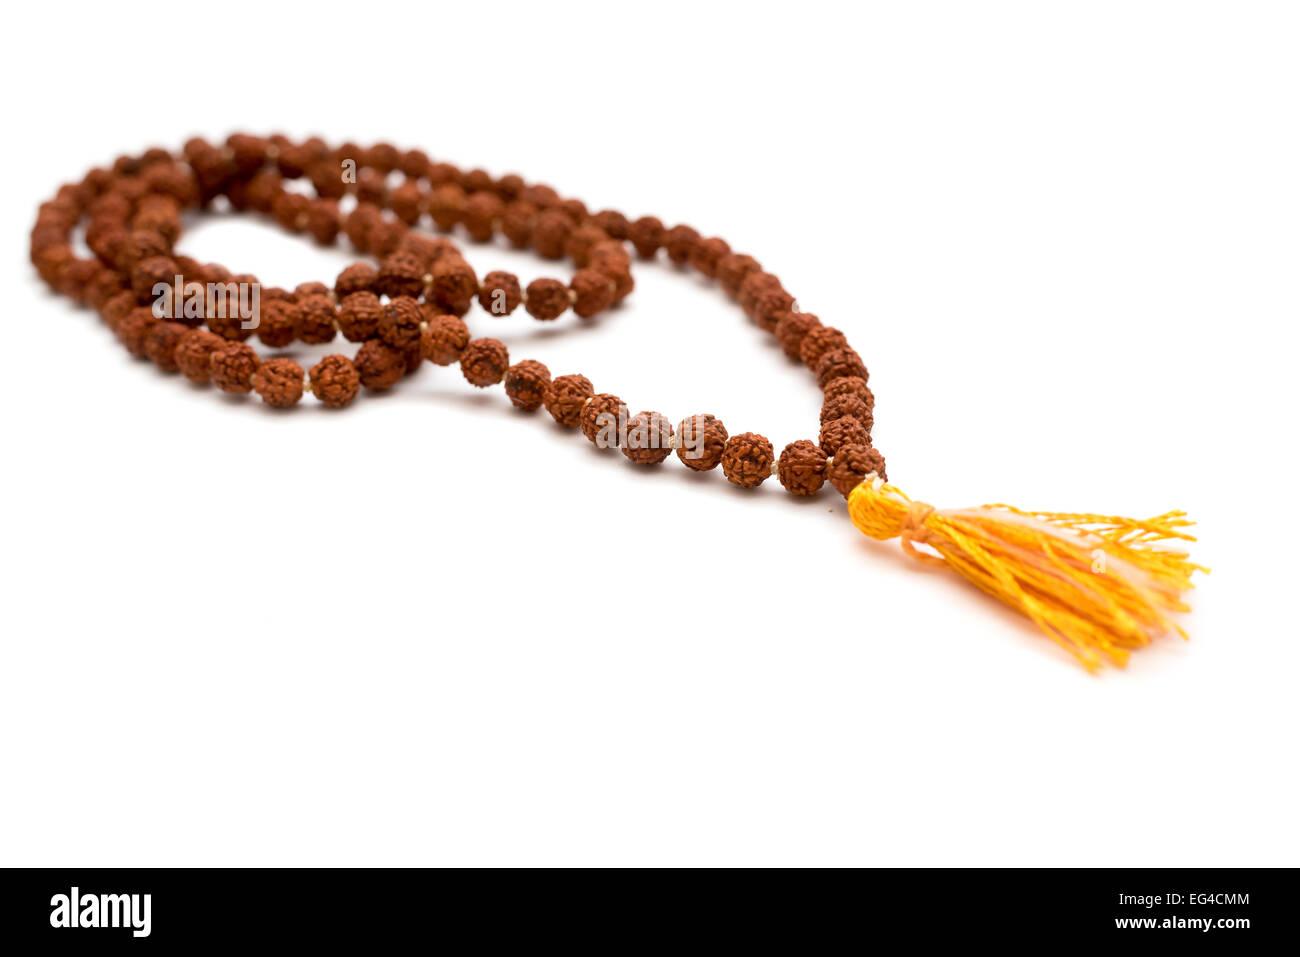 Japa Mala. Gebetskette aus den Samen des Baumes Rudraksha gemacht. Isoliert auf weißem Hintergrund Stockfoto